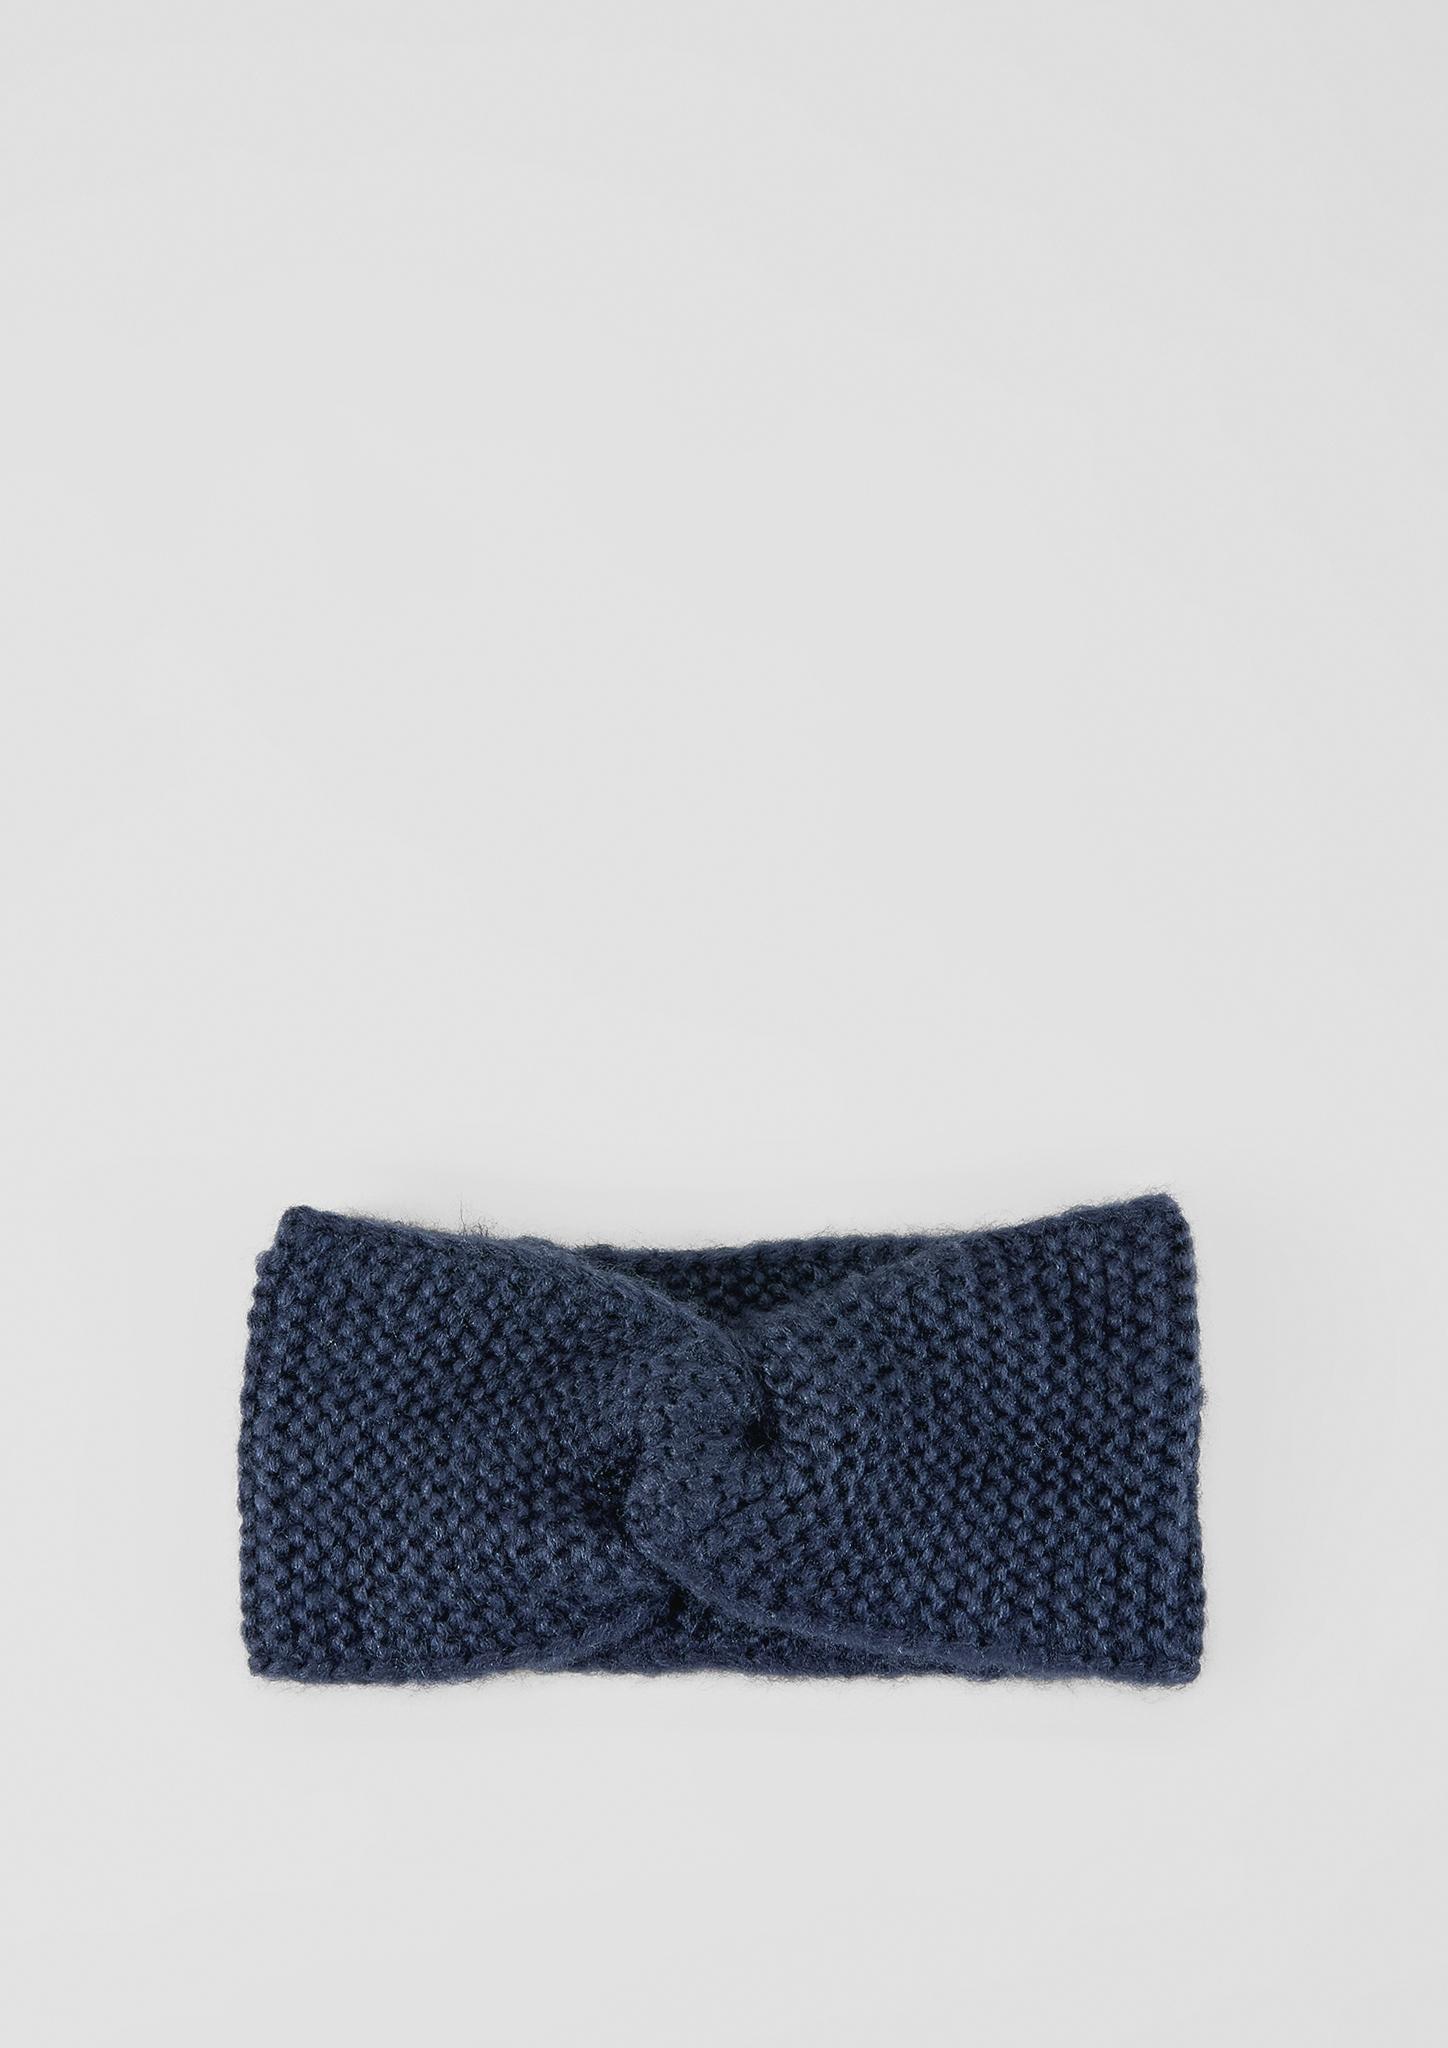 STIRNBAND | Accessoires > Mützen > Stirnbänder | Blau | 100% polyacryl | s.Oliver